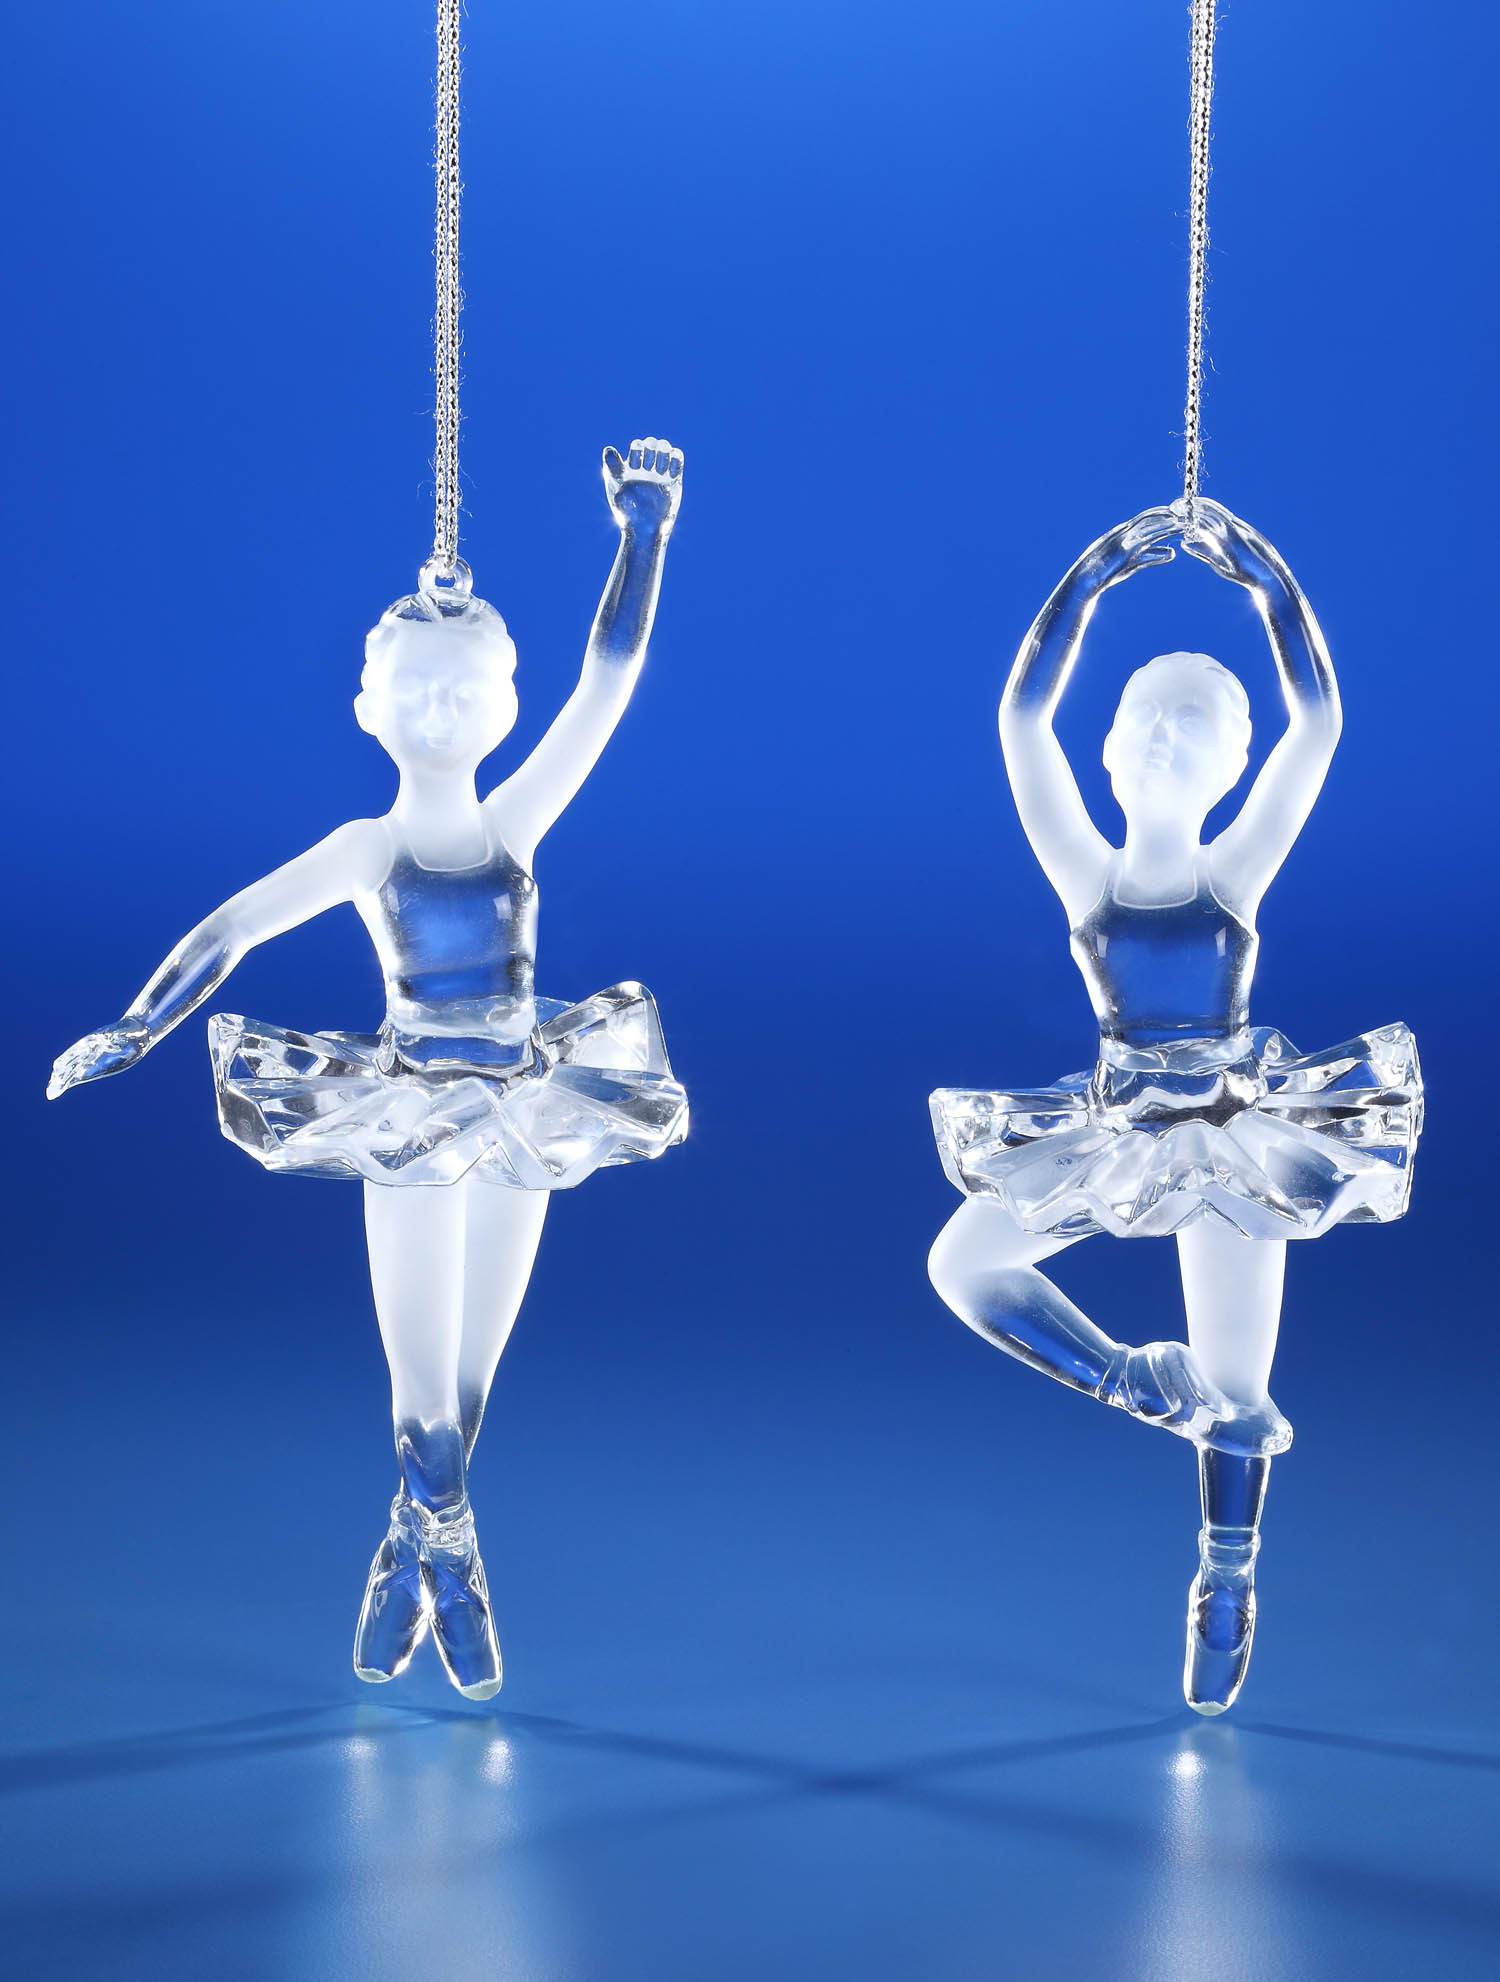 Clear Acrylic Ballerina Ornament